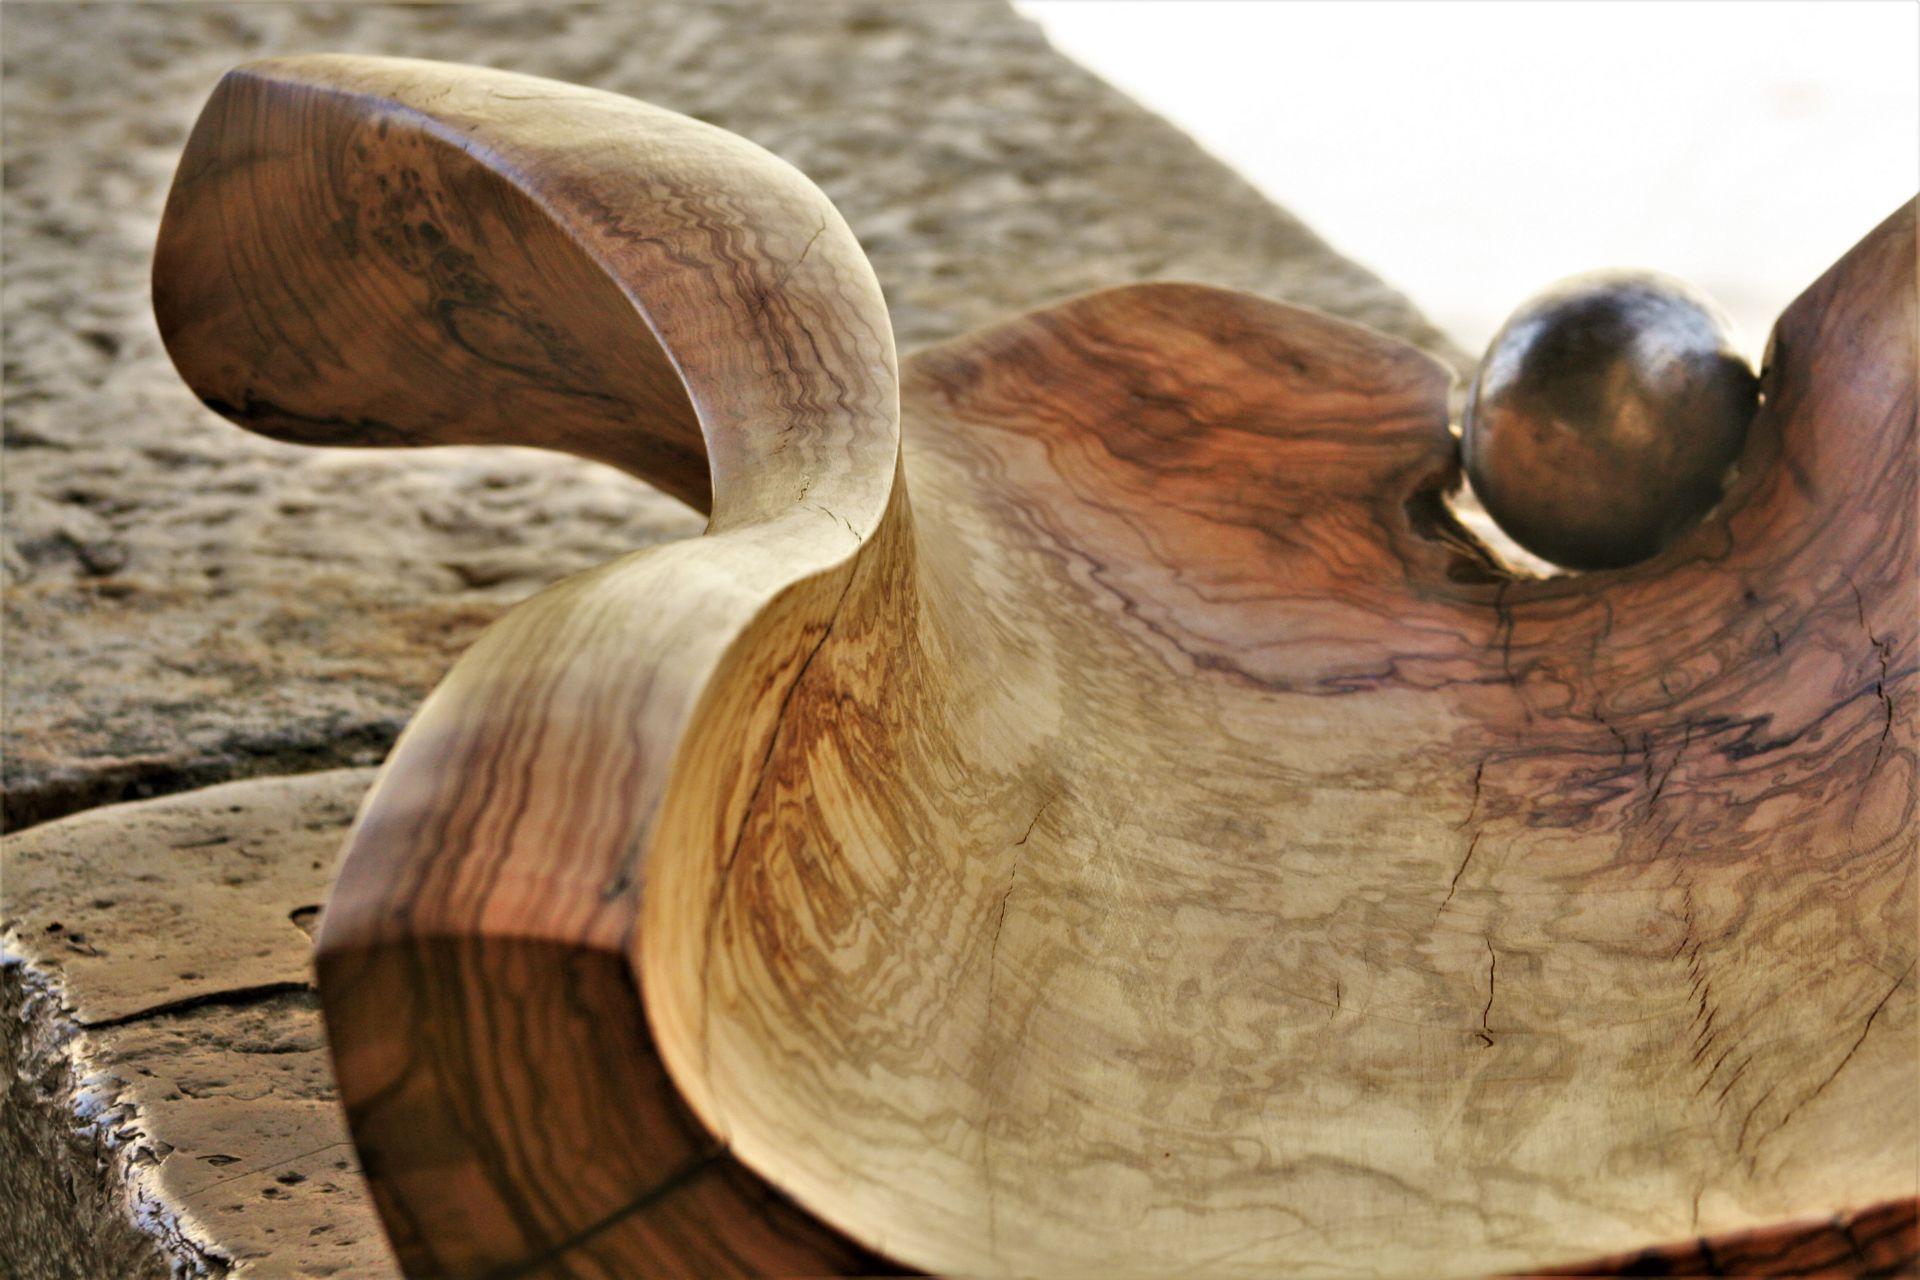 Handmade Wooden Bowls Designs